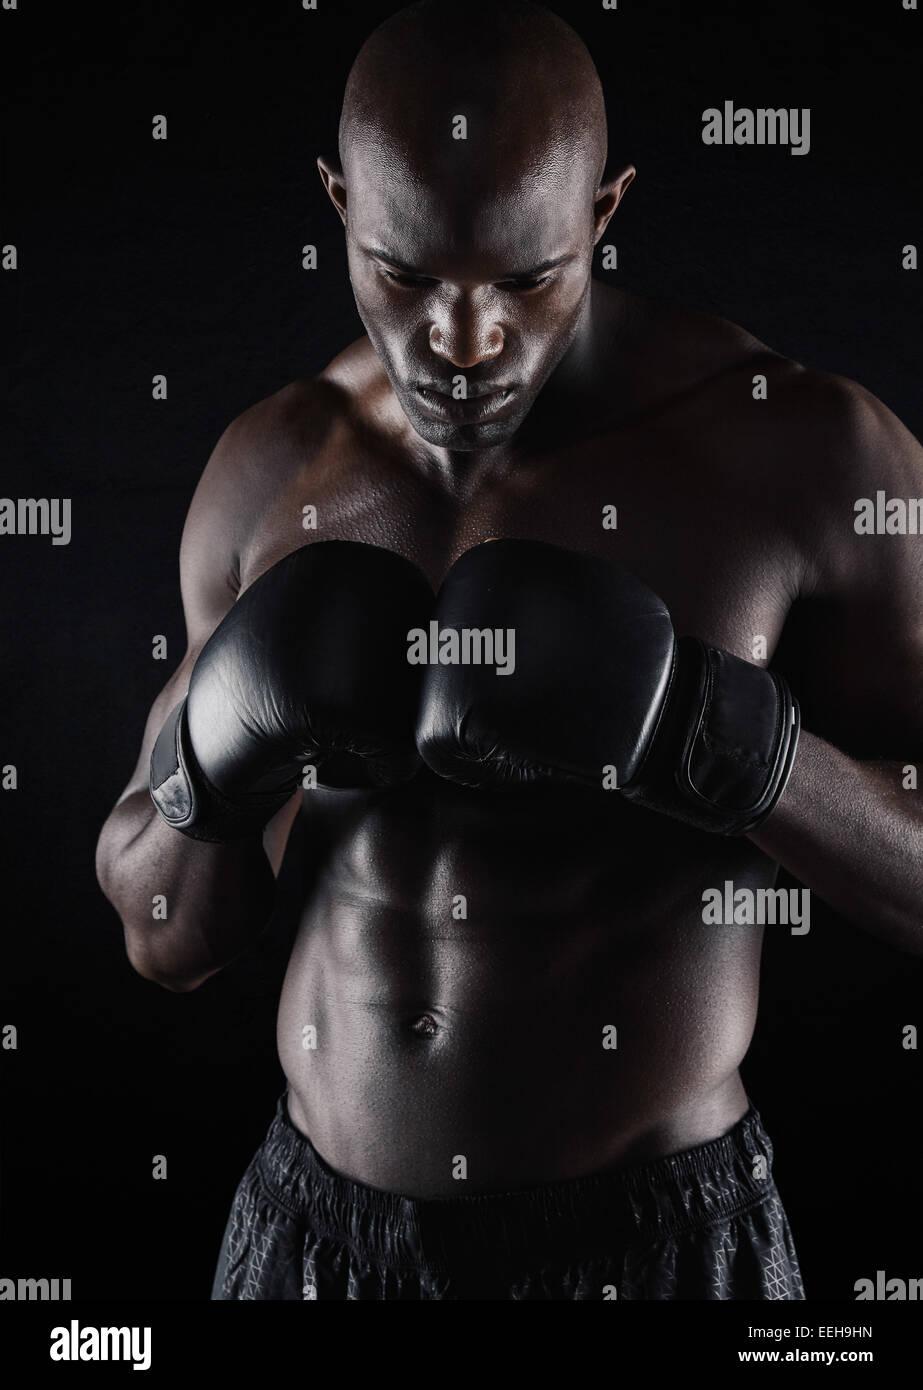 Fit young man wearing boxing gloves sur fond noir. Boxeur professionnel se préparer à combattre. Photo Stock